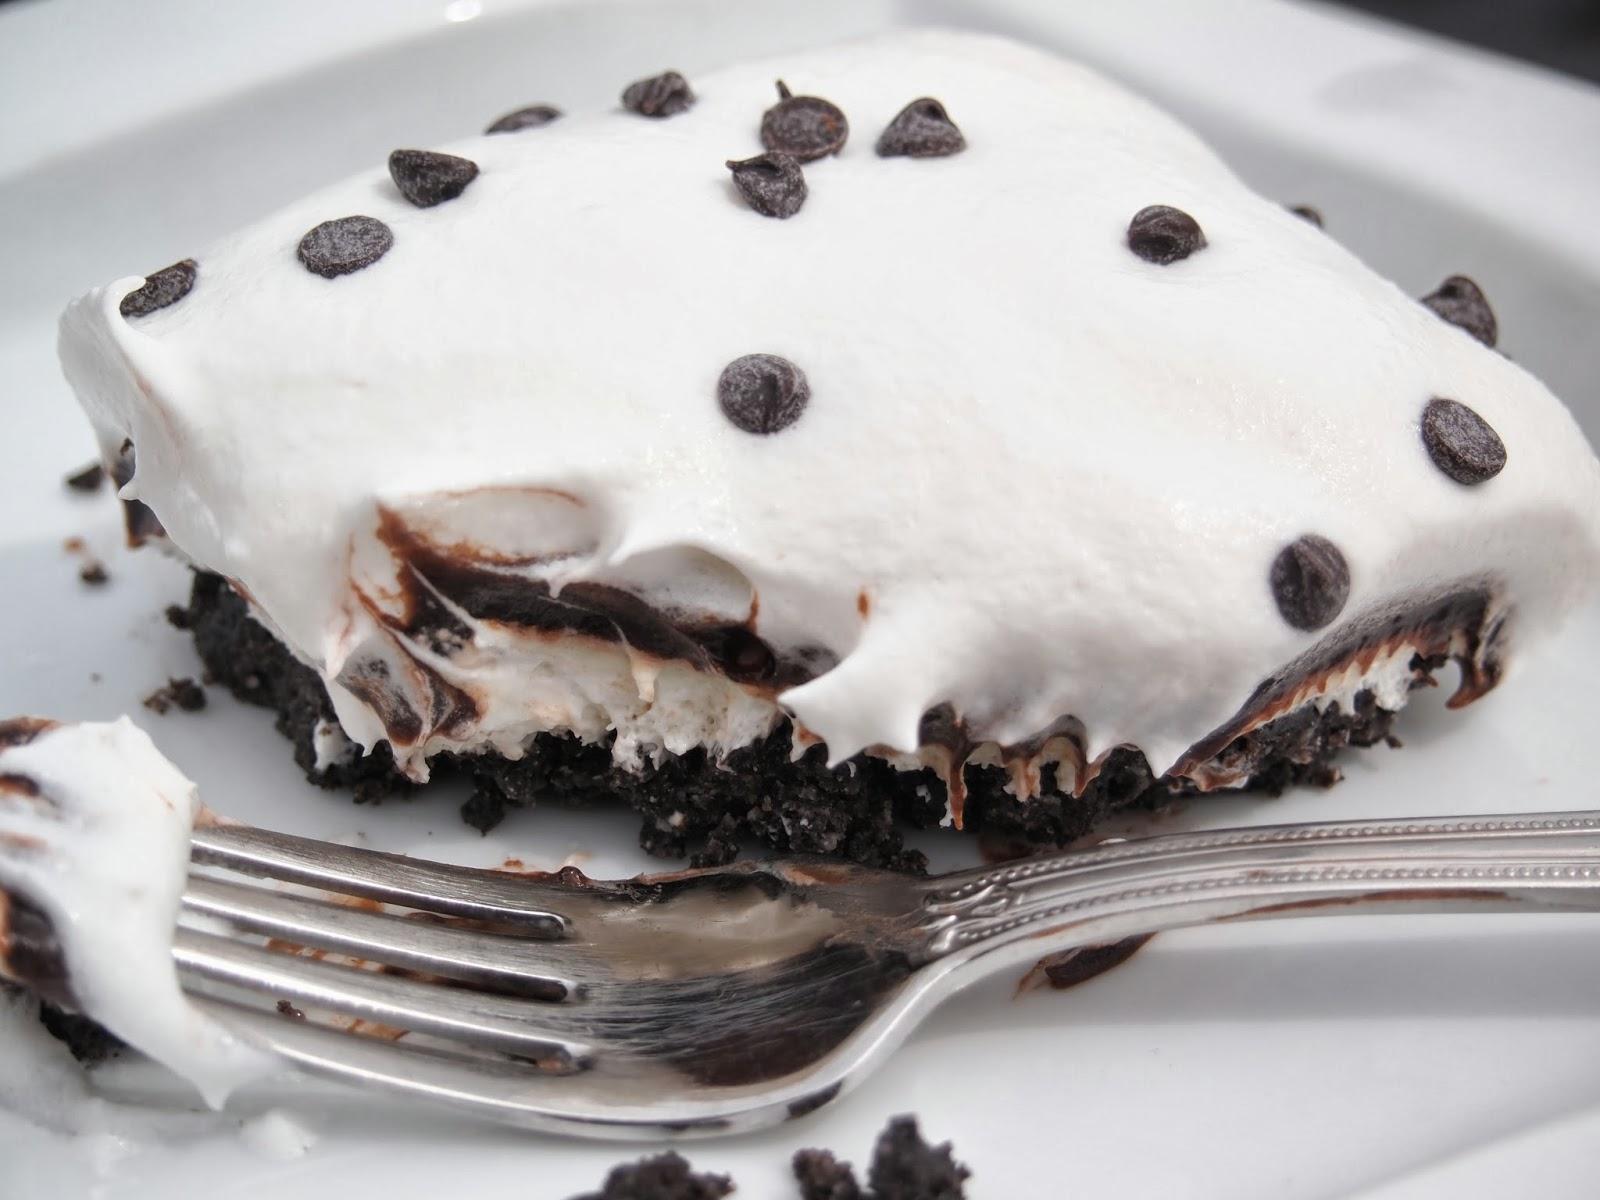 Gluten Free Desserts made Delicious: Gluten Free Chocolate Lasagna